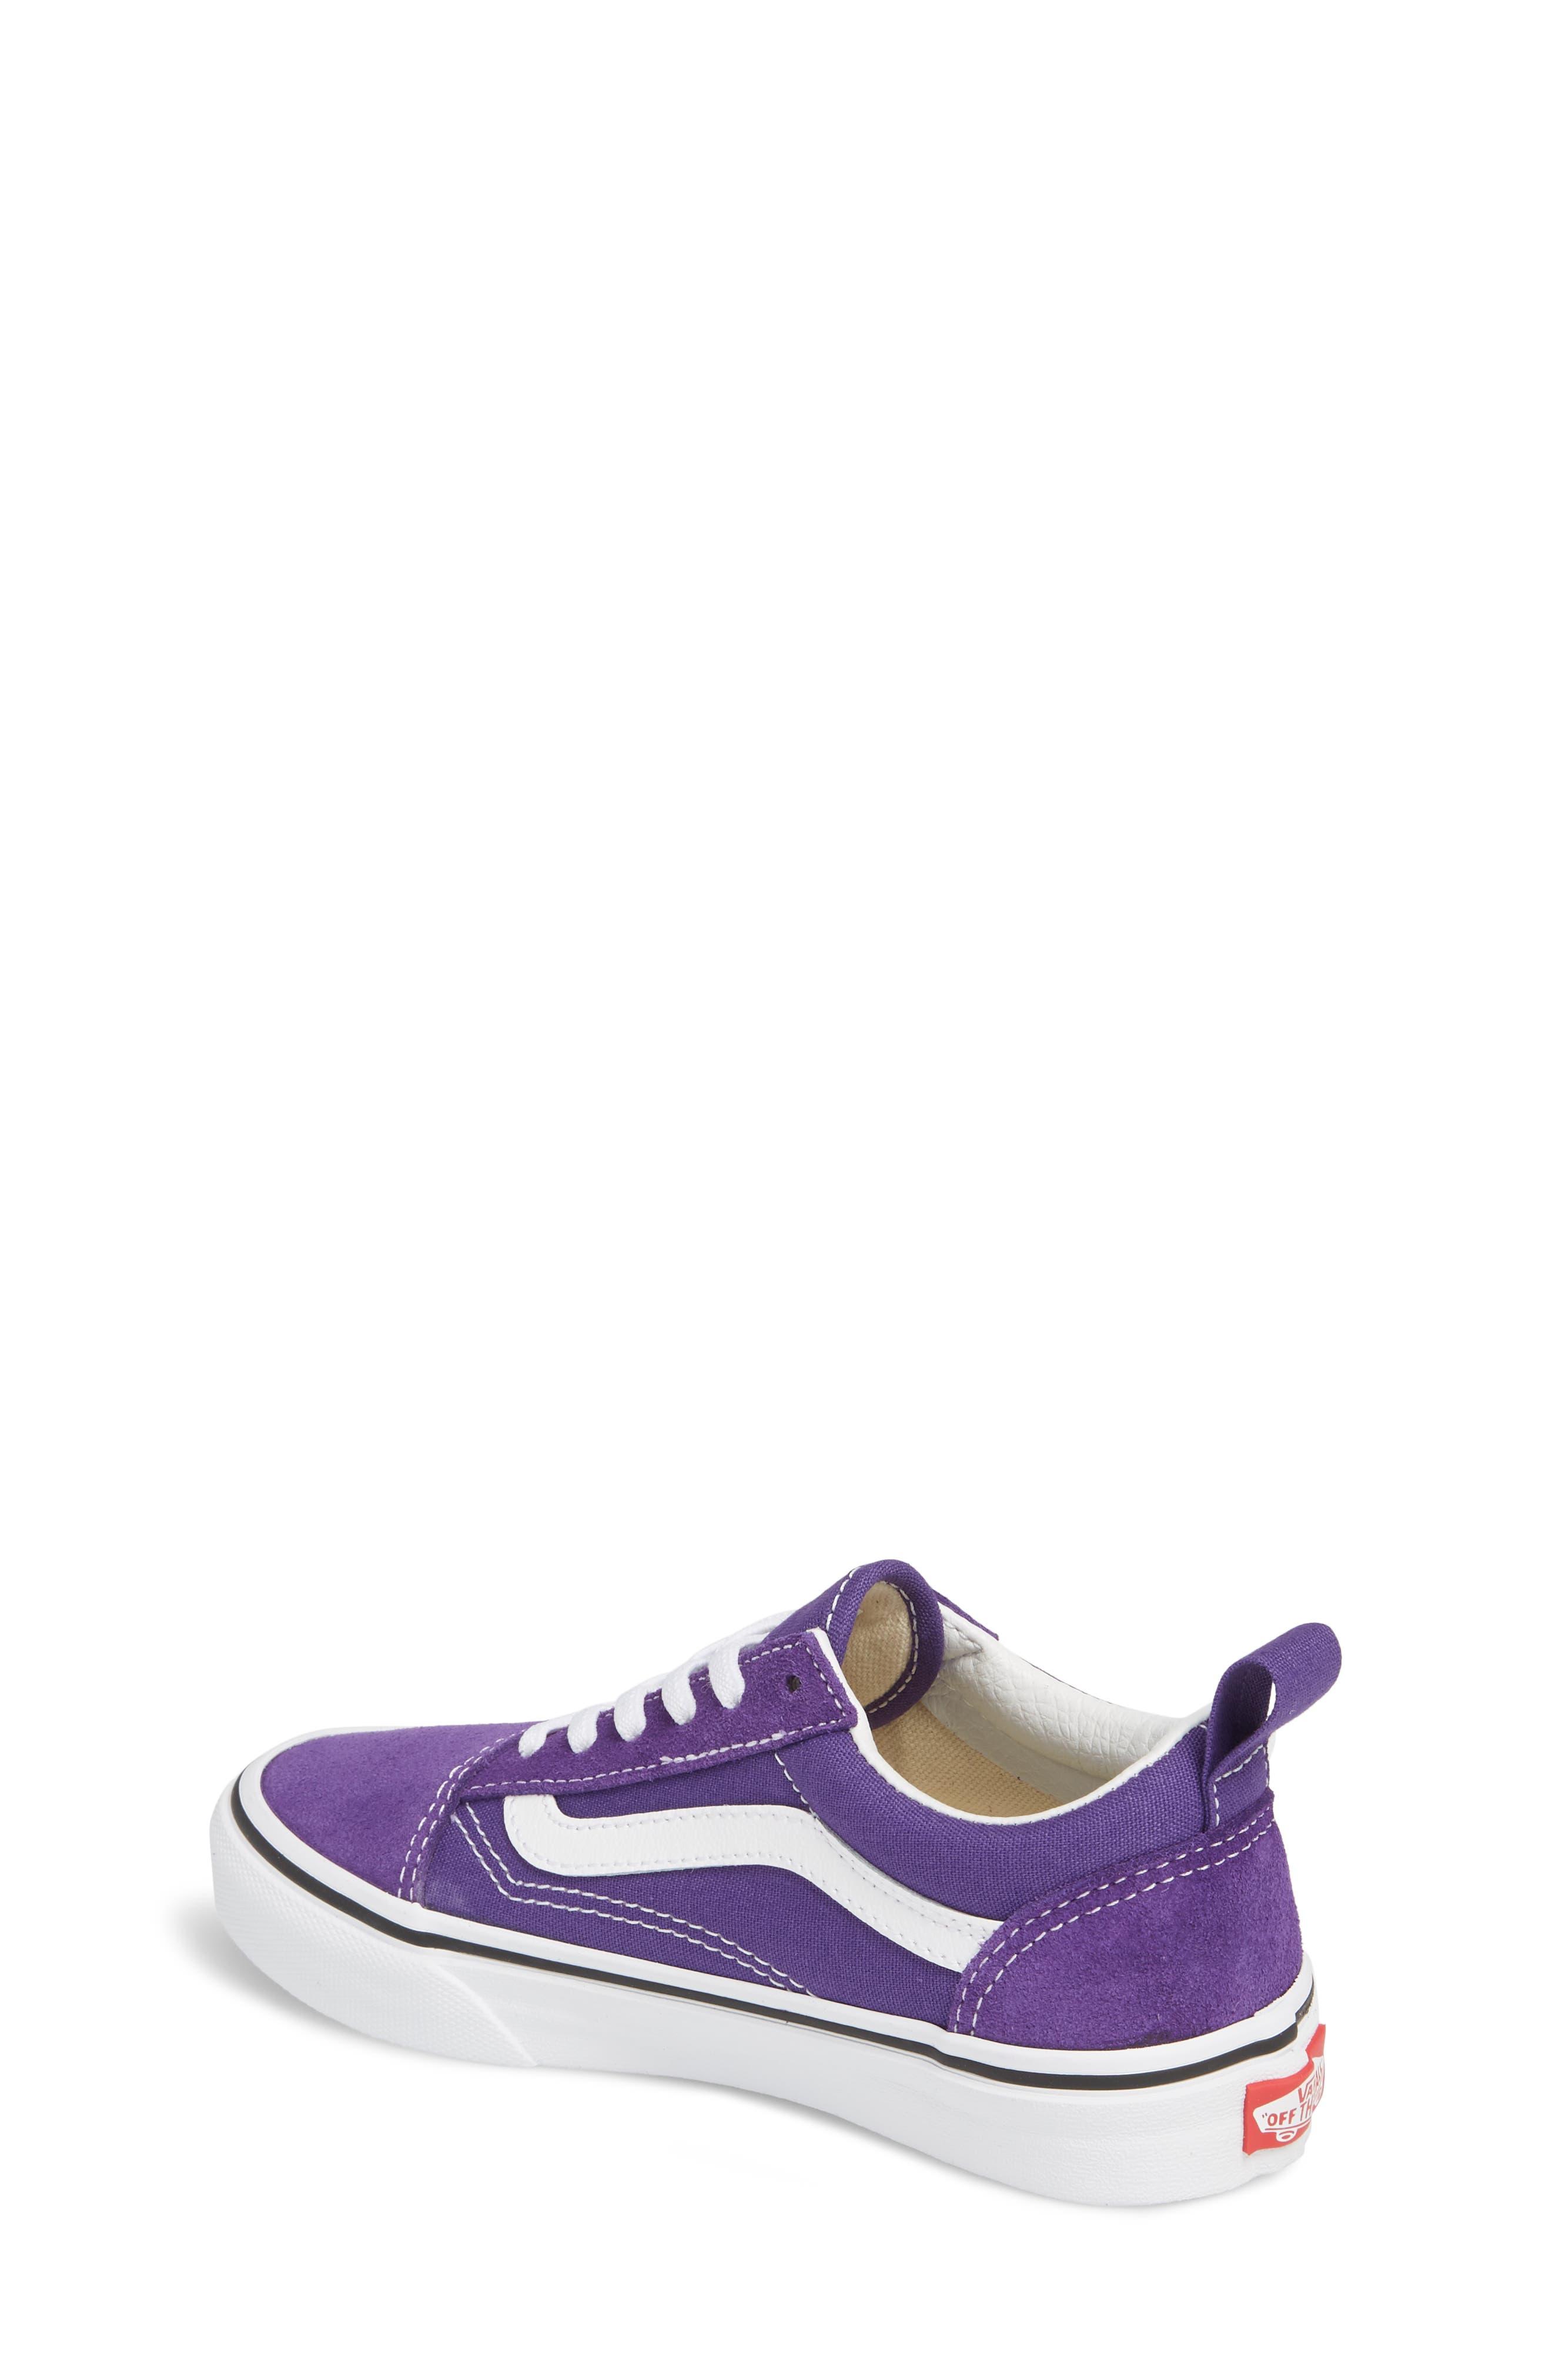 'Old Skool' Skate Sneaker,                             Alternate thumbnail 2, color,                             HELIOTROPE/ WHITE